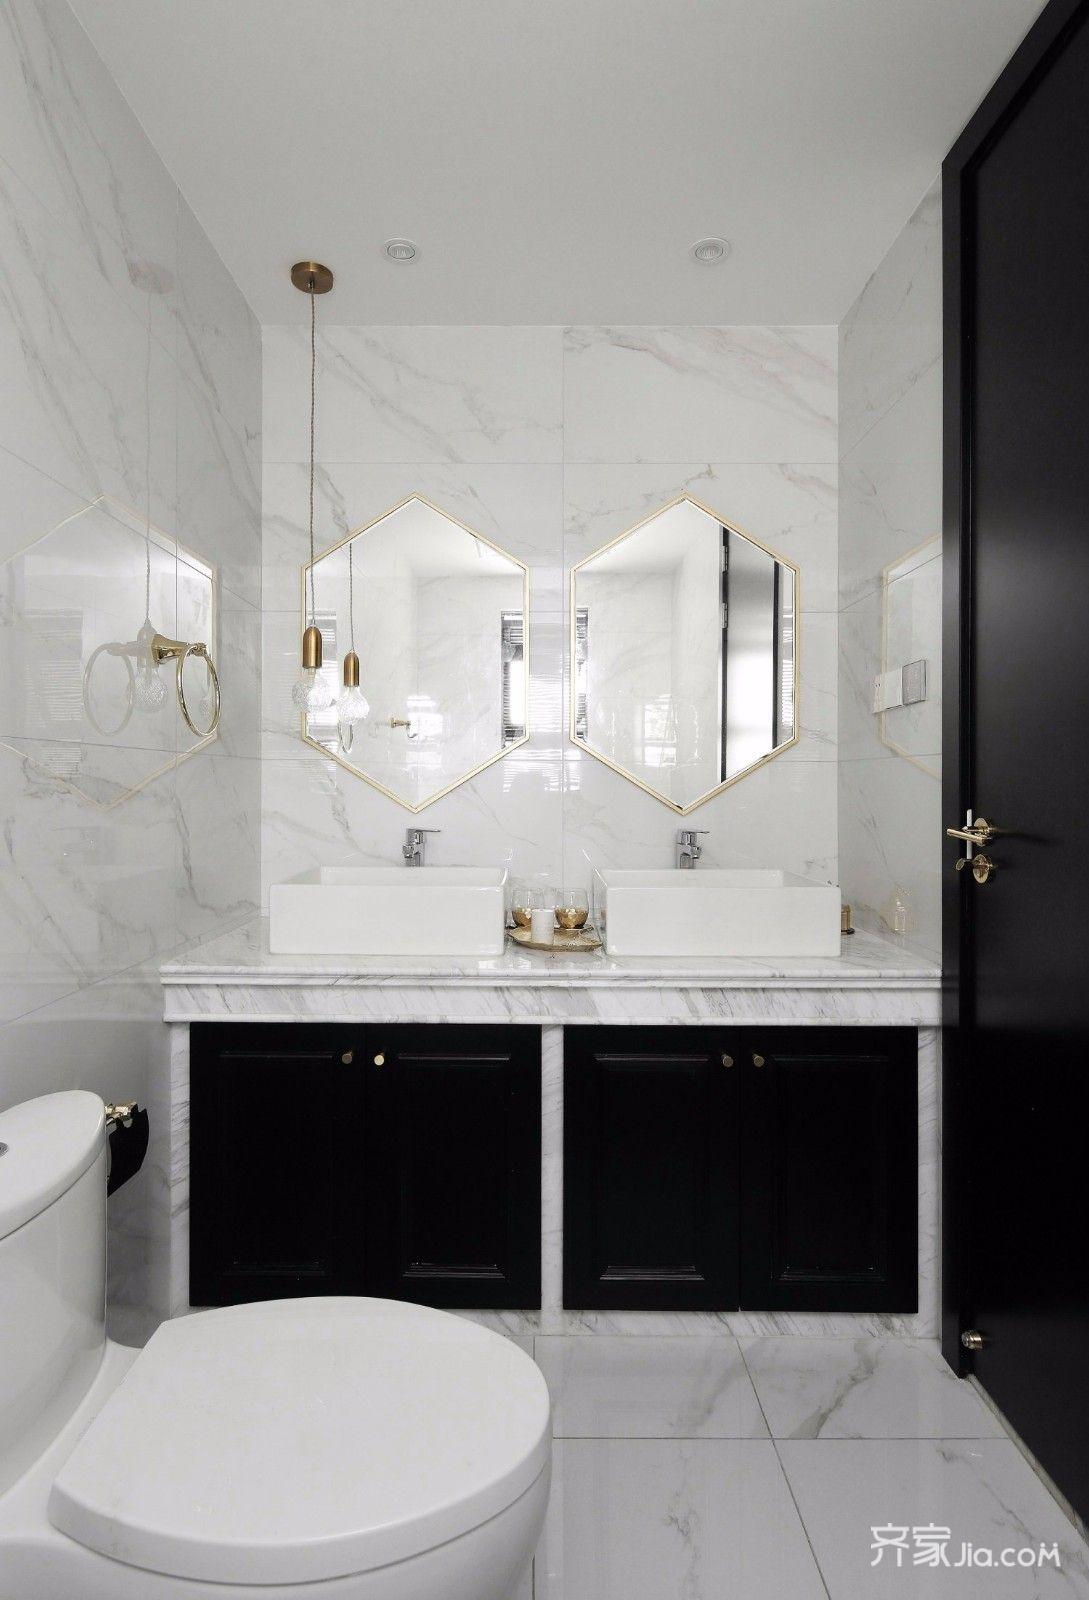 现代轻奢黑白经典风卫生间装修效果图